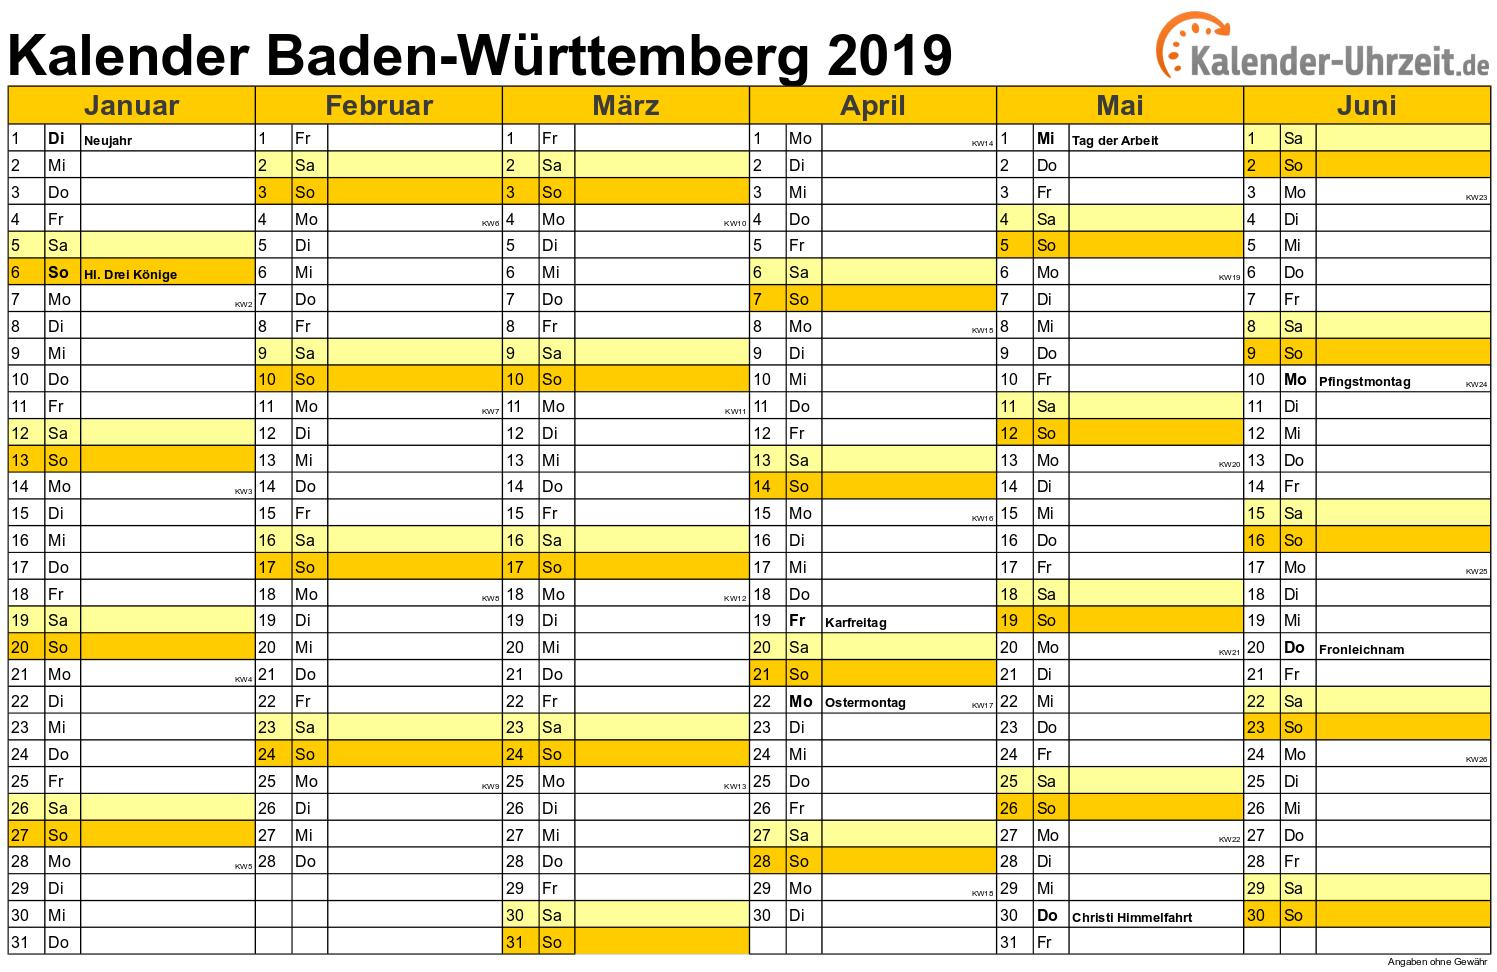 Baden-Württemberg Kalender 2019 mit Feiertagen - quer-zweiseitig